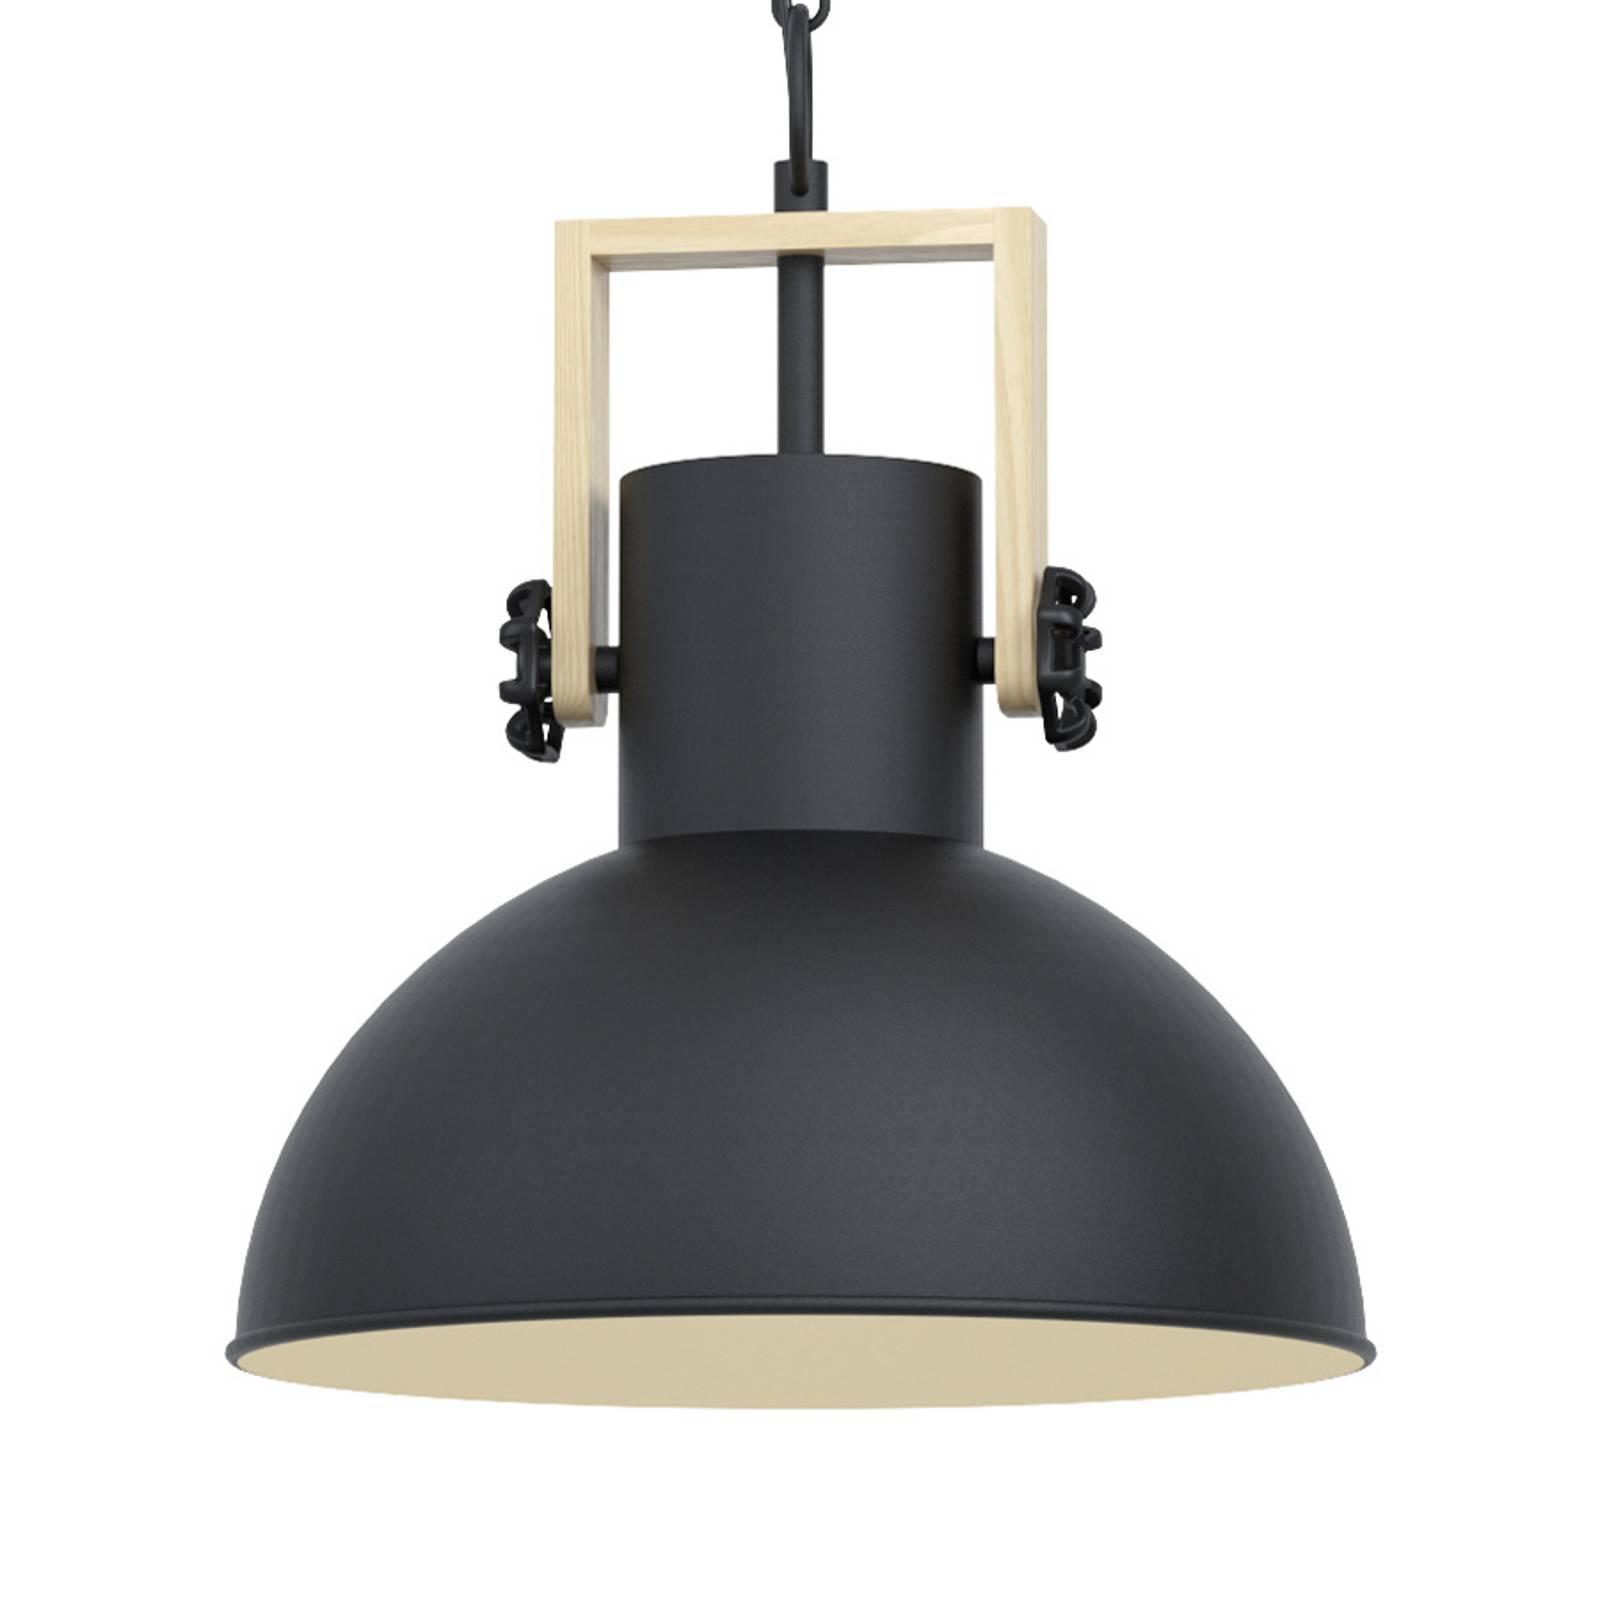 Hanglamp Lubenham met metalen kap